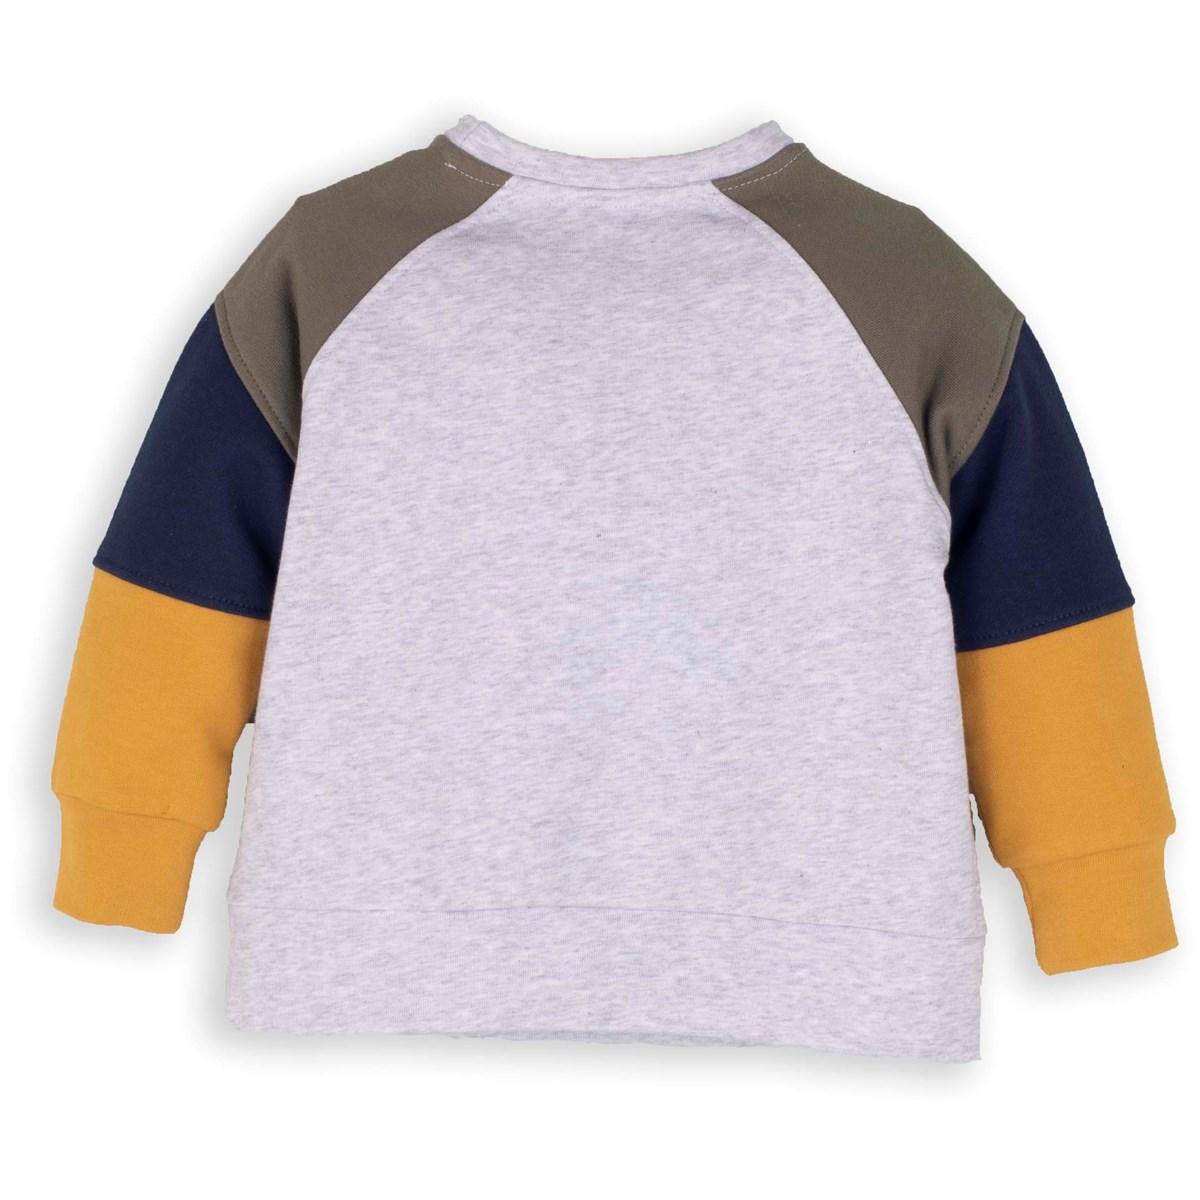 14009 Sweatshirt 2